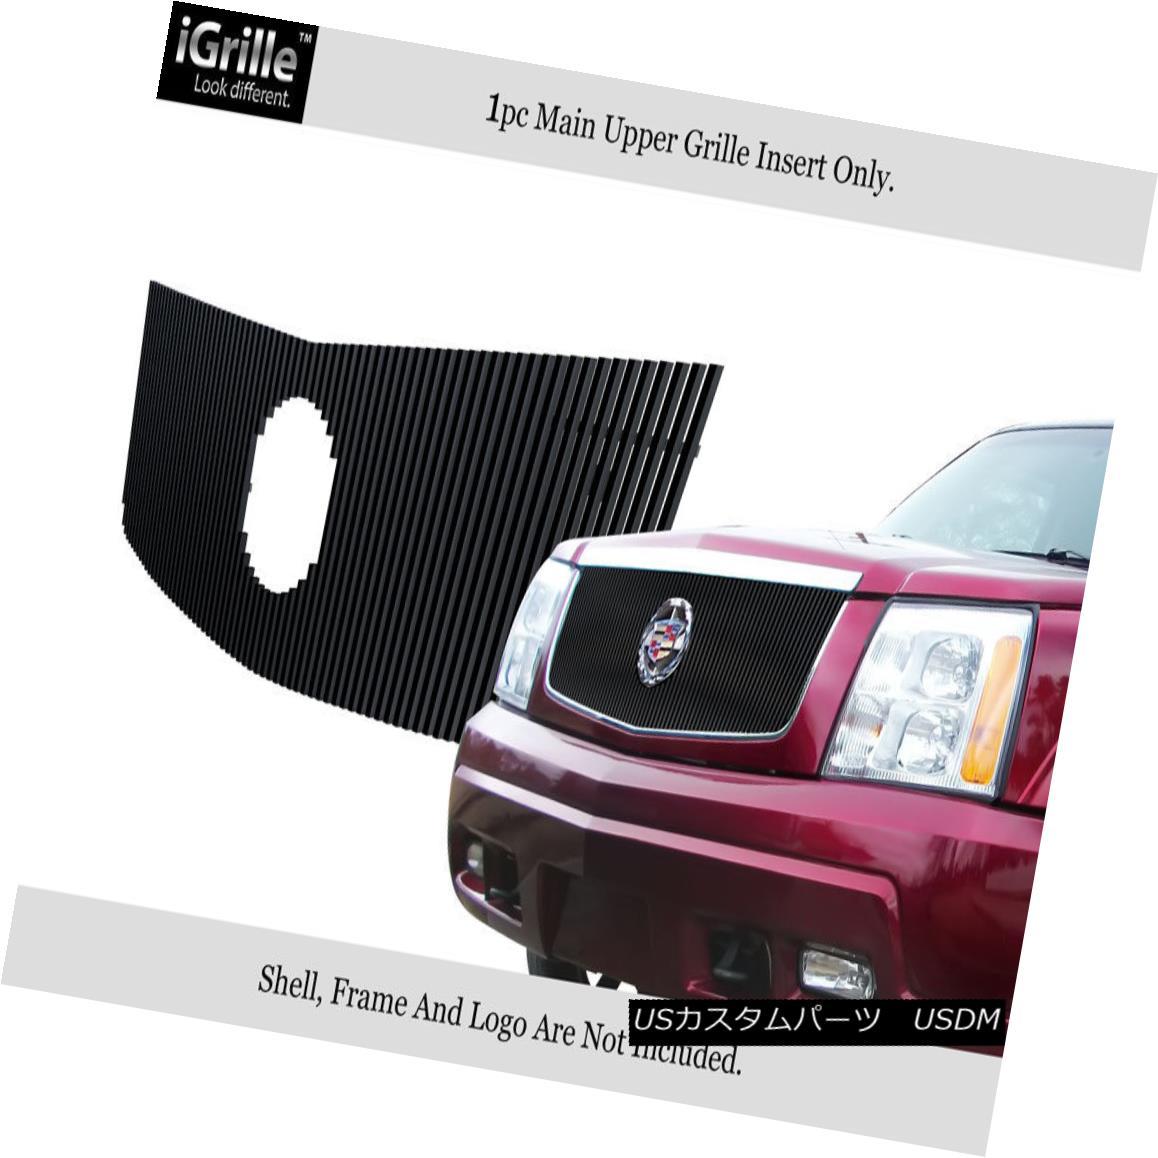 グリル For 2002-2006 Cadillac Escalade Stainless Black Vertical Billet Grille 2002-2006 Cadillac Escaladeステンレスブラック縦型ビレットグリル